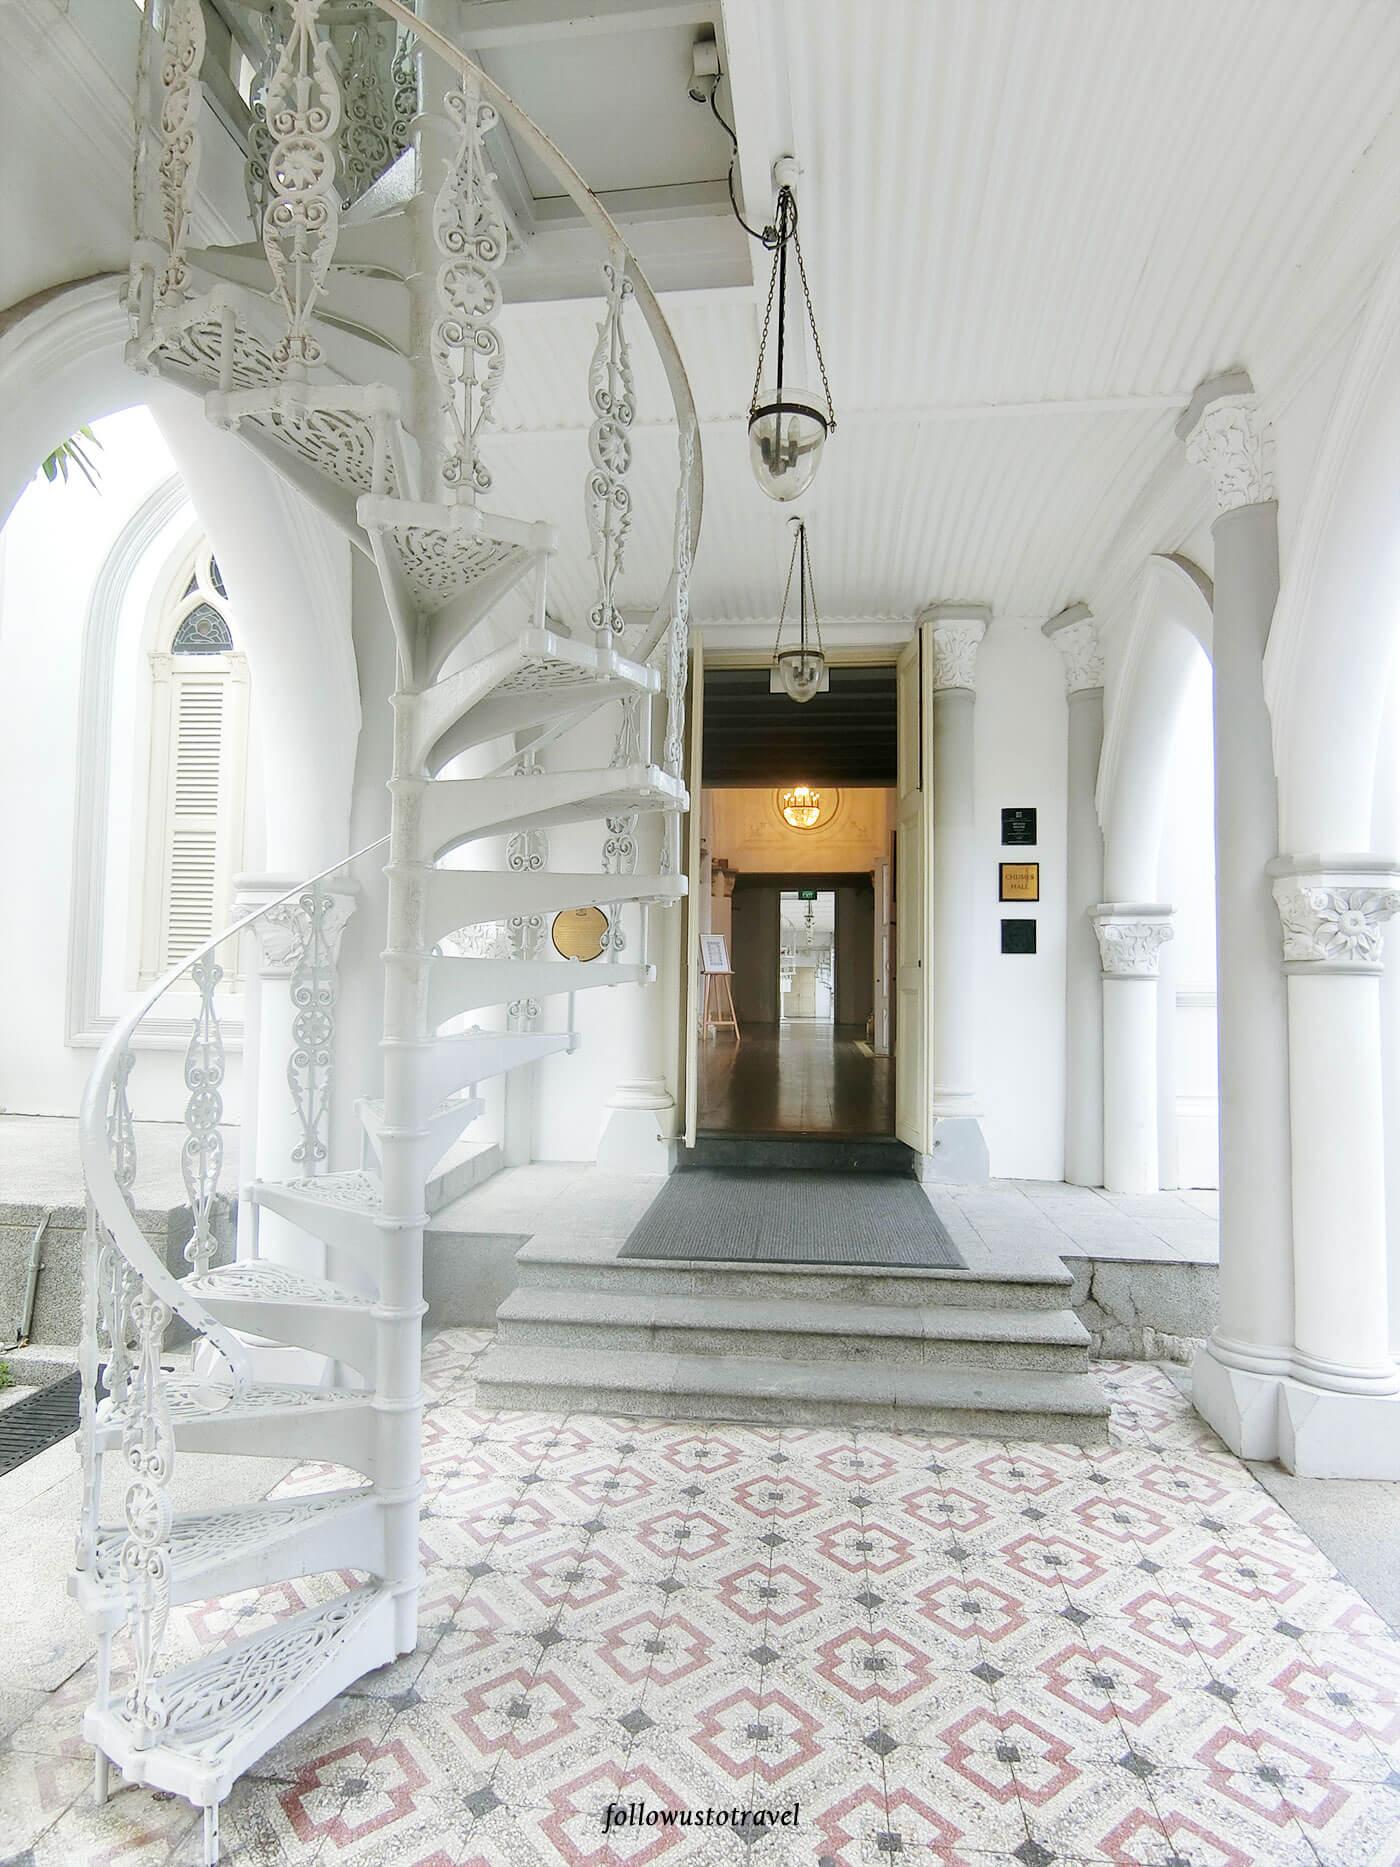 新加坡景点赞美教堂旋转楼梯